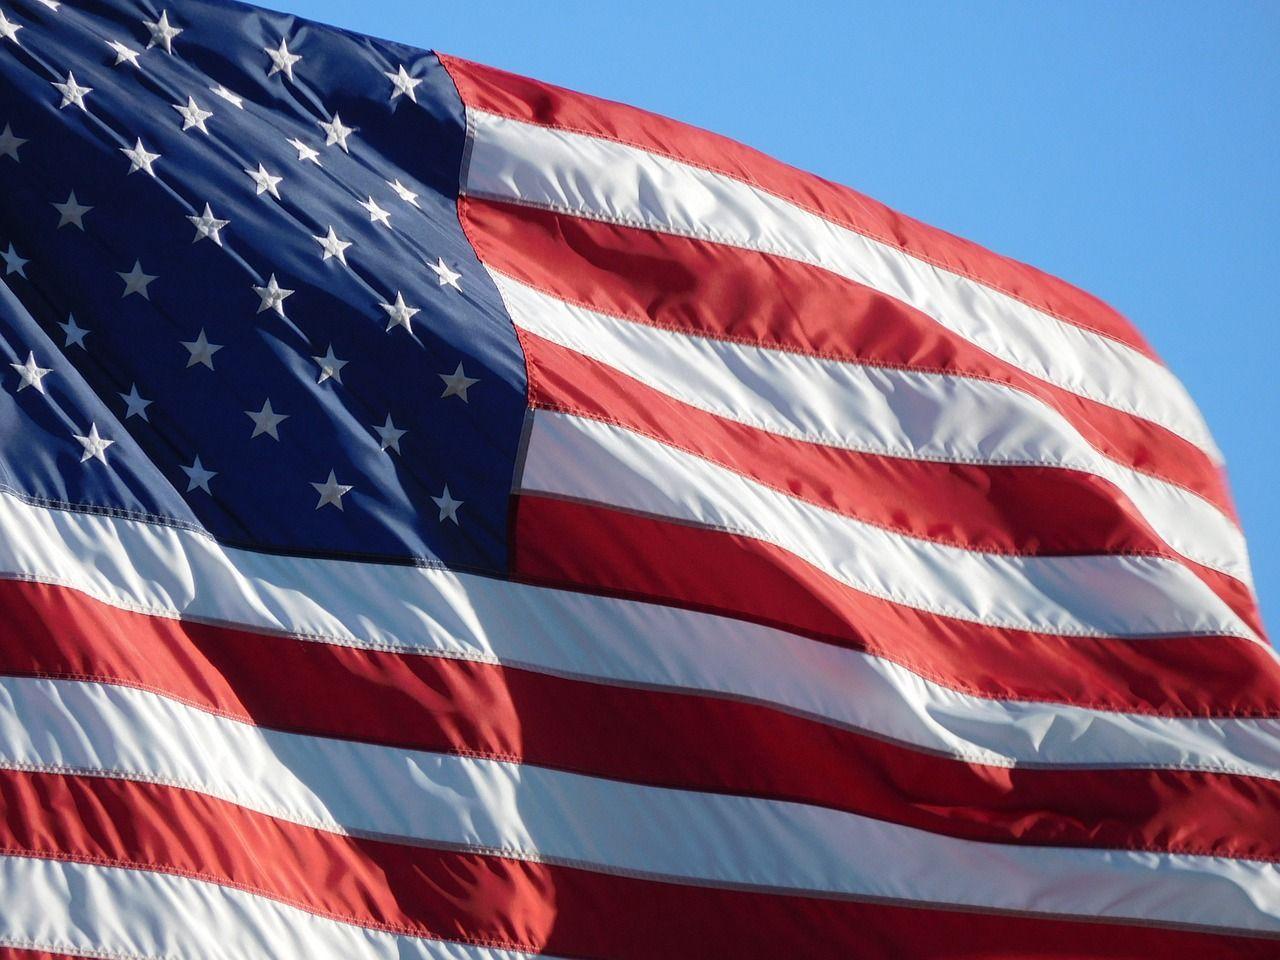 4 luglio, la festa dell'Indipendenza Americana: la storia e le celebrazioni